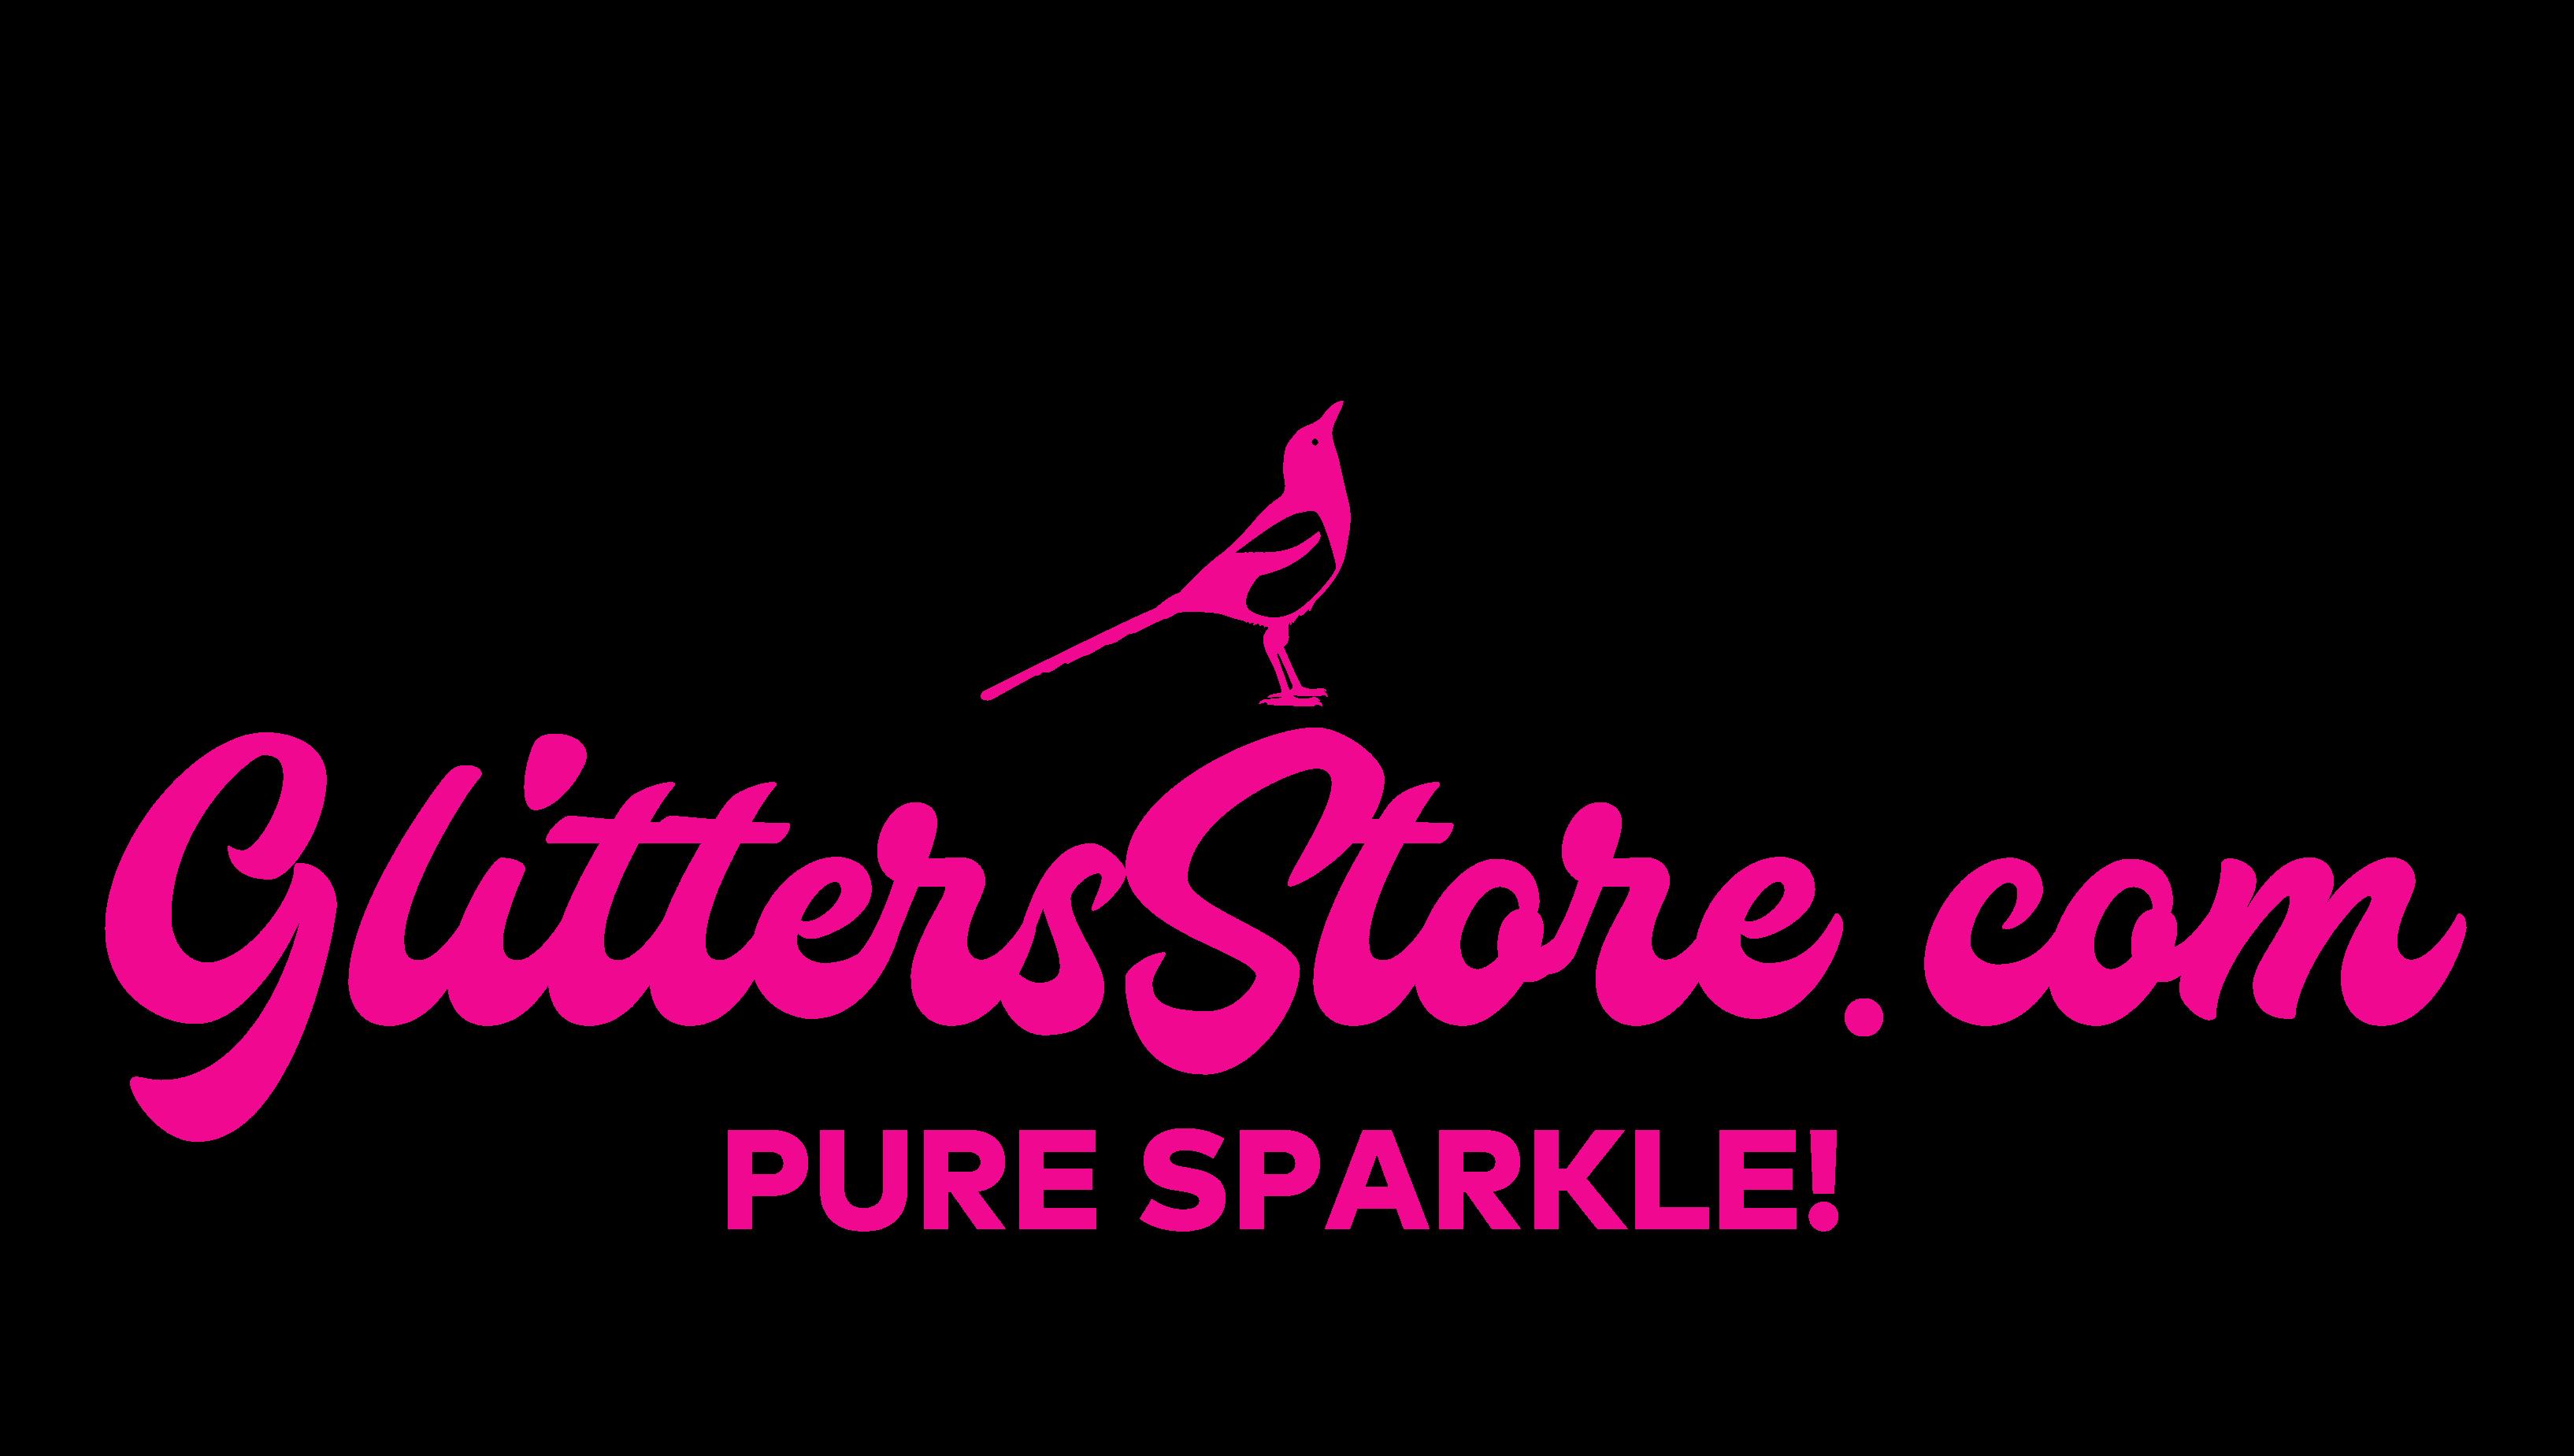 Glittersstore.com